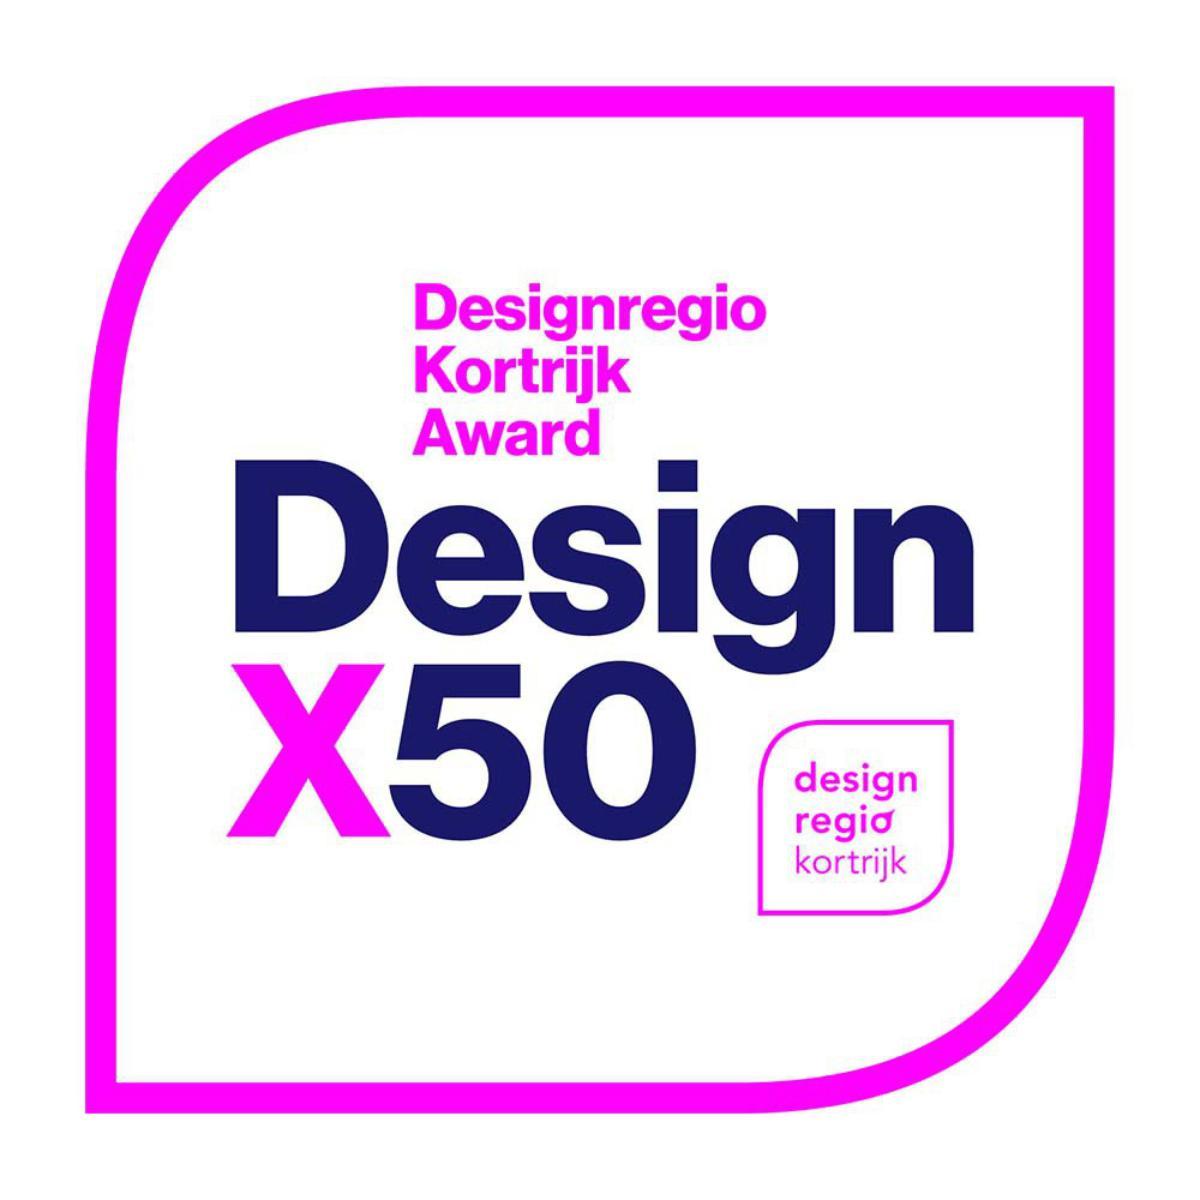 Design-regio-award